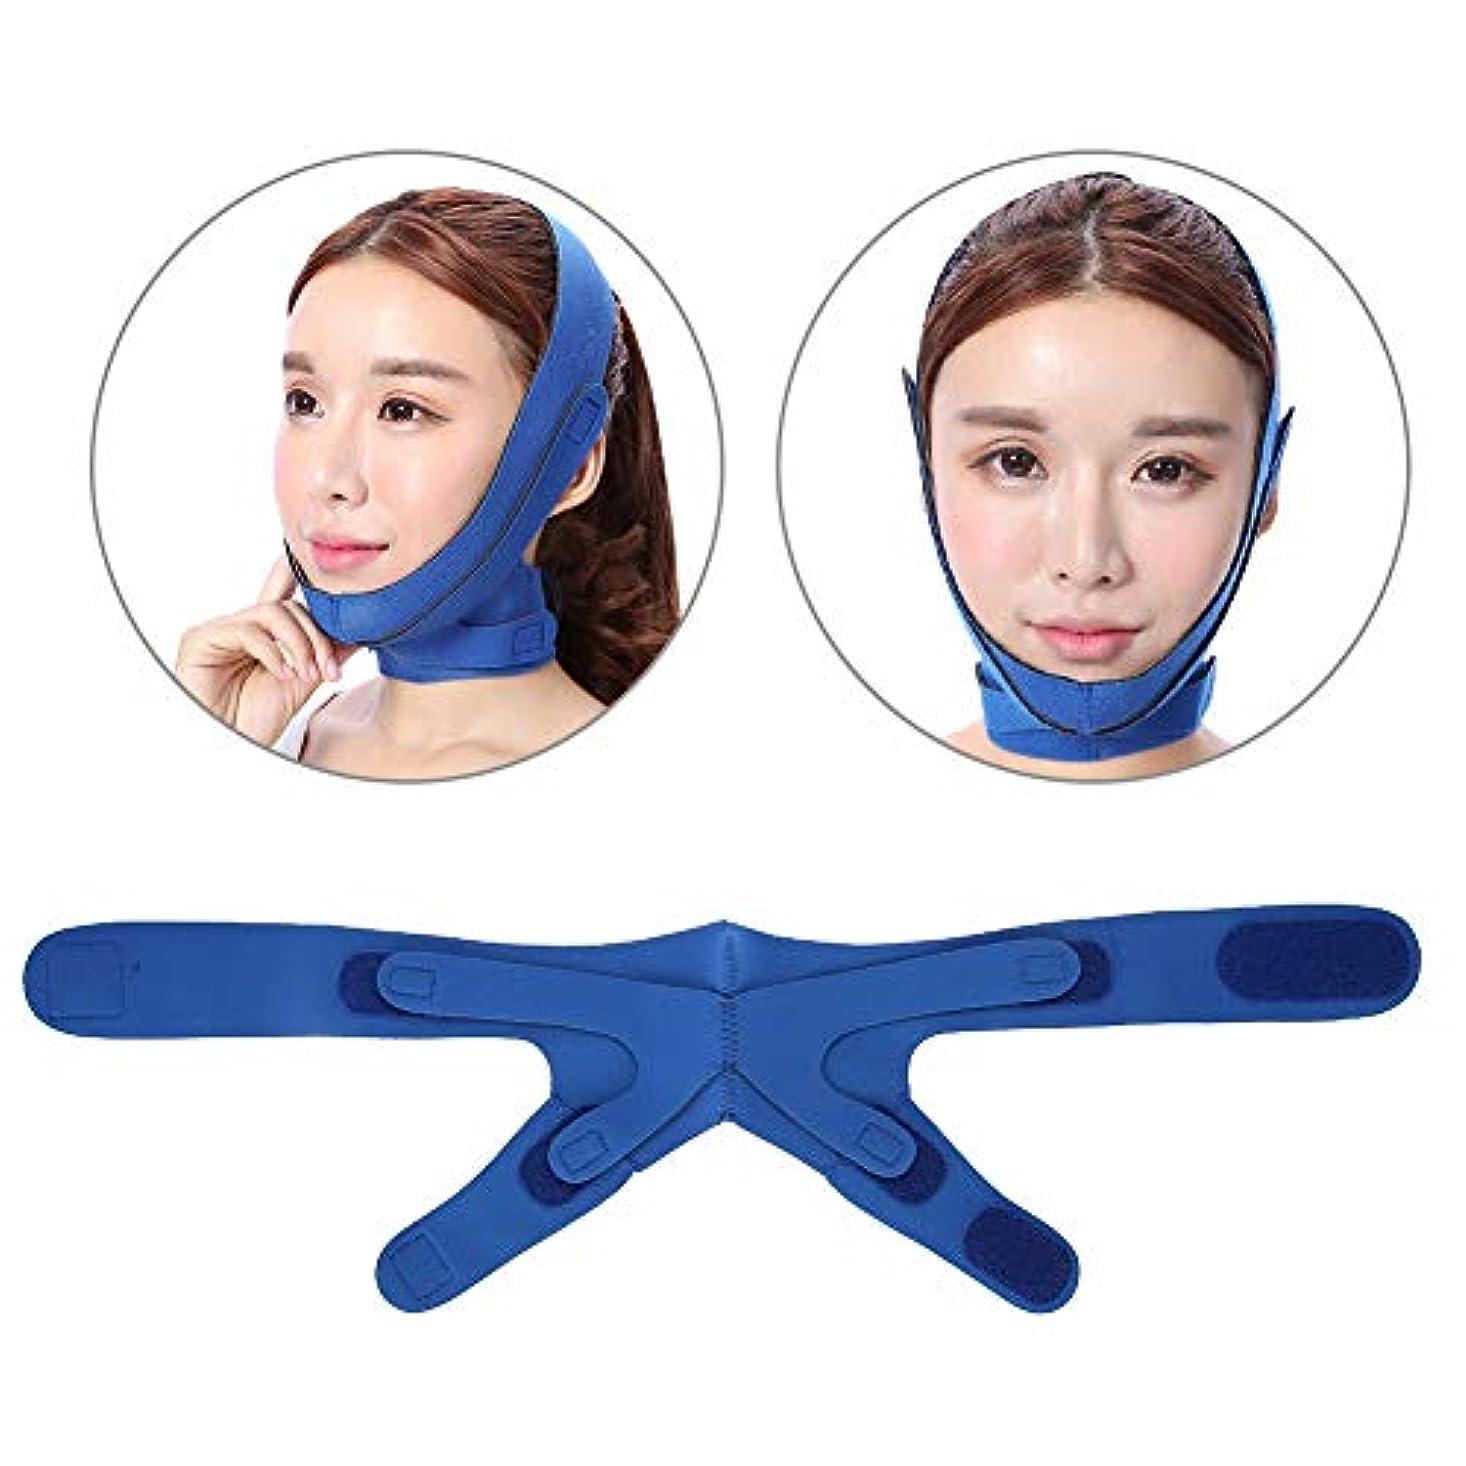 仲介者失望才能Vラインバンド首の圧縮の表面、反二重あごの 引き締まった肌の革紐の調節可能な引き締めの表面スキンケアの持ち上がる覆いのための持ち上がる表面ベルトの顔の細くのあごのマスク